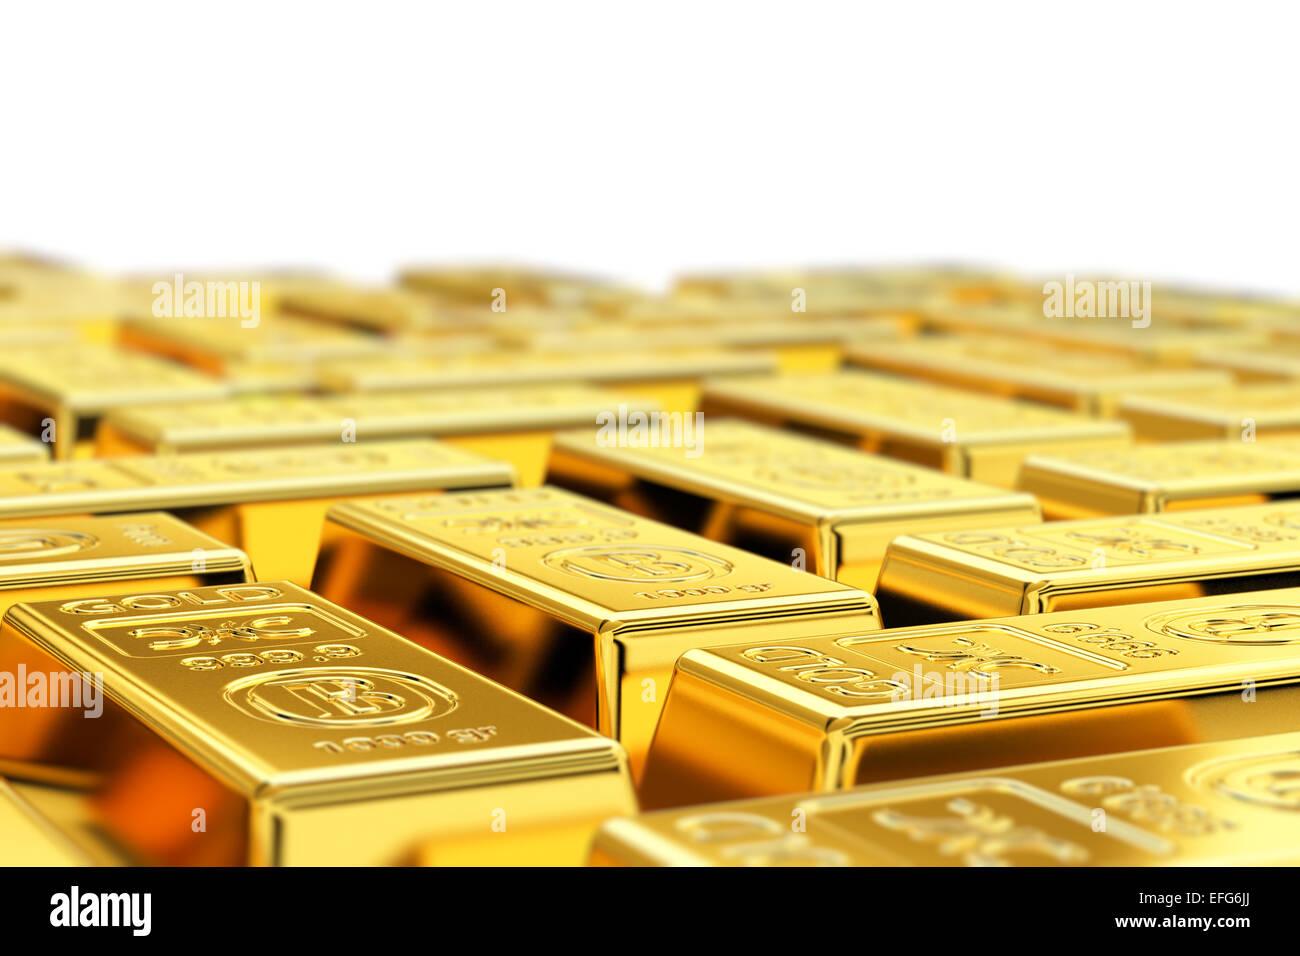 De nombreuses barres d'or avec une faible profondeur de champ Photo Stock